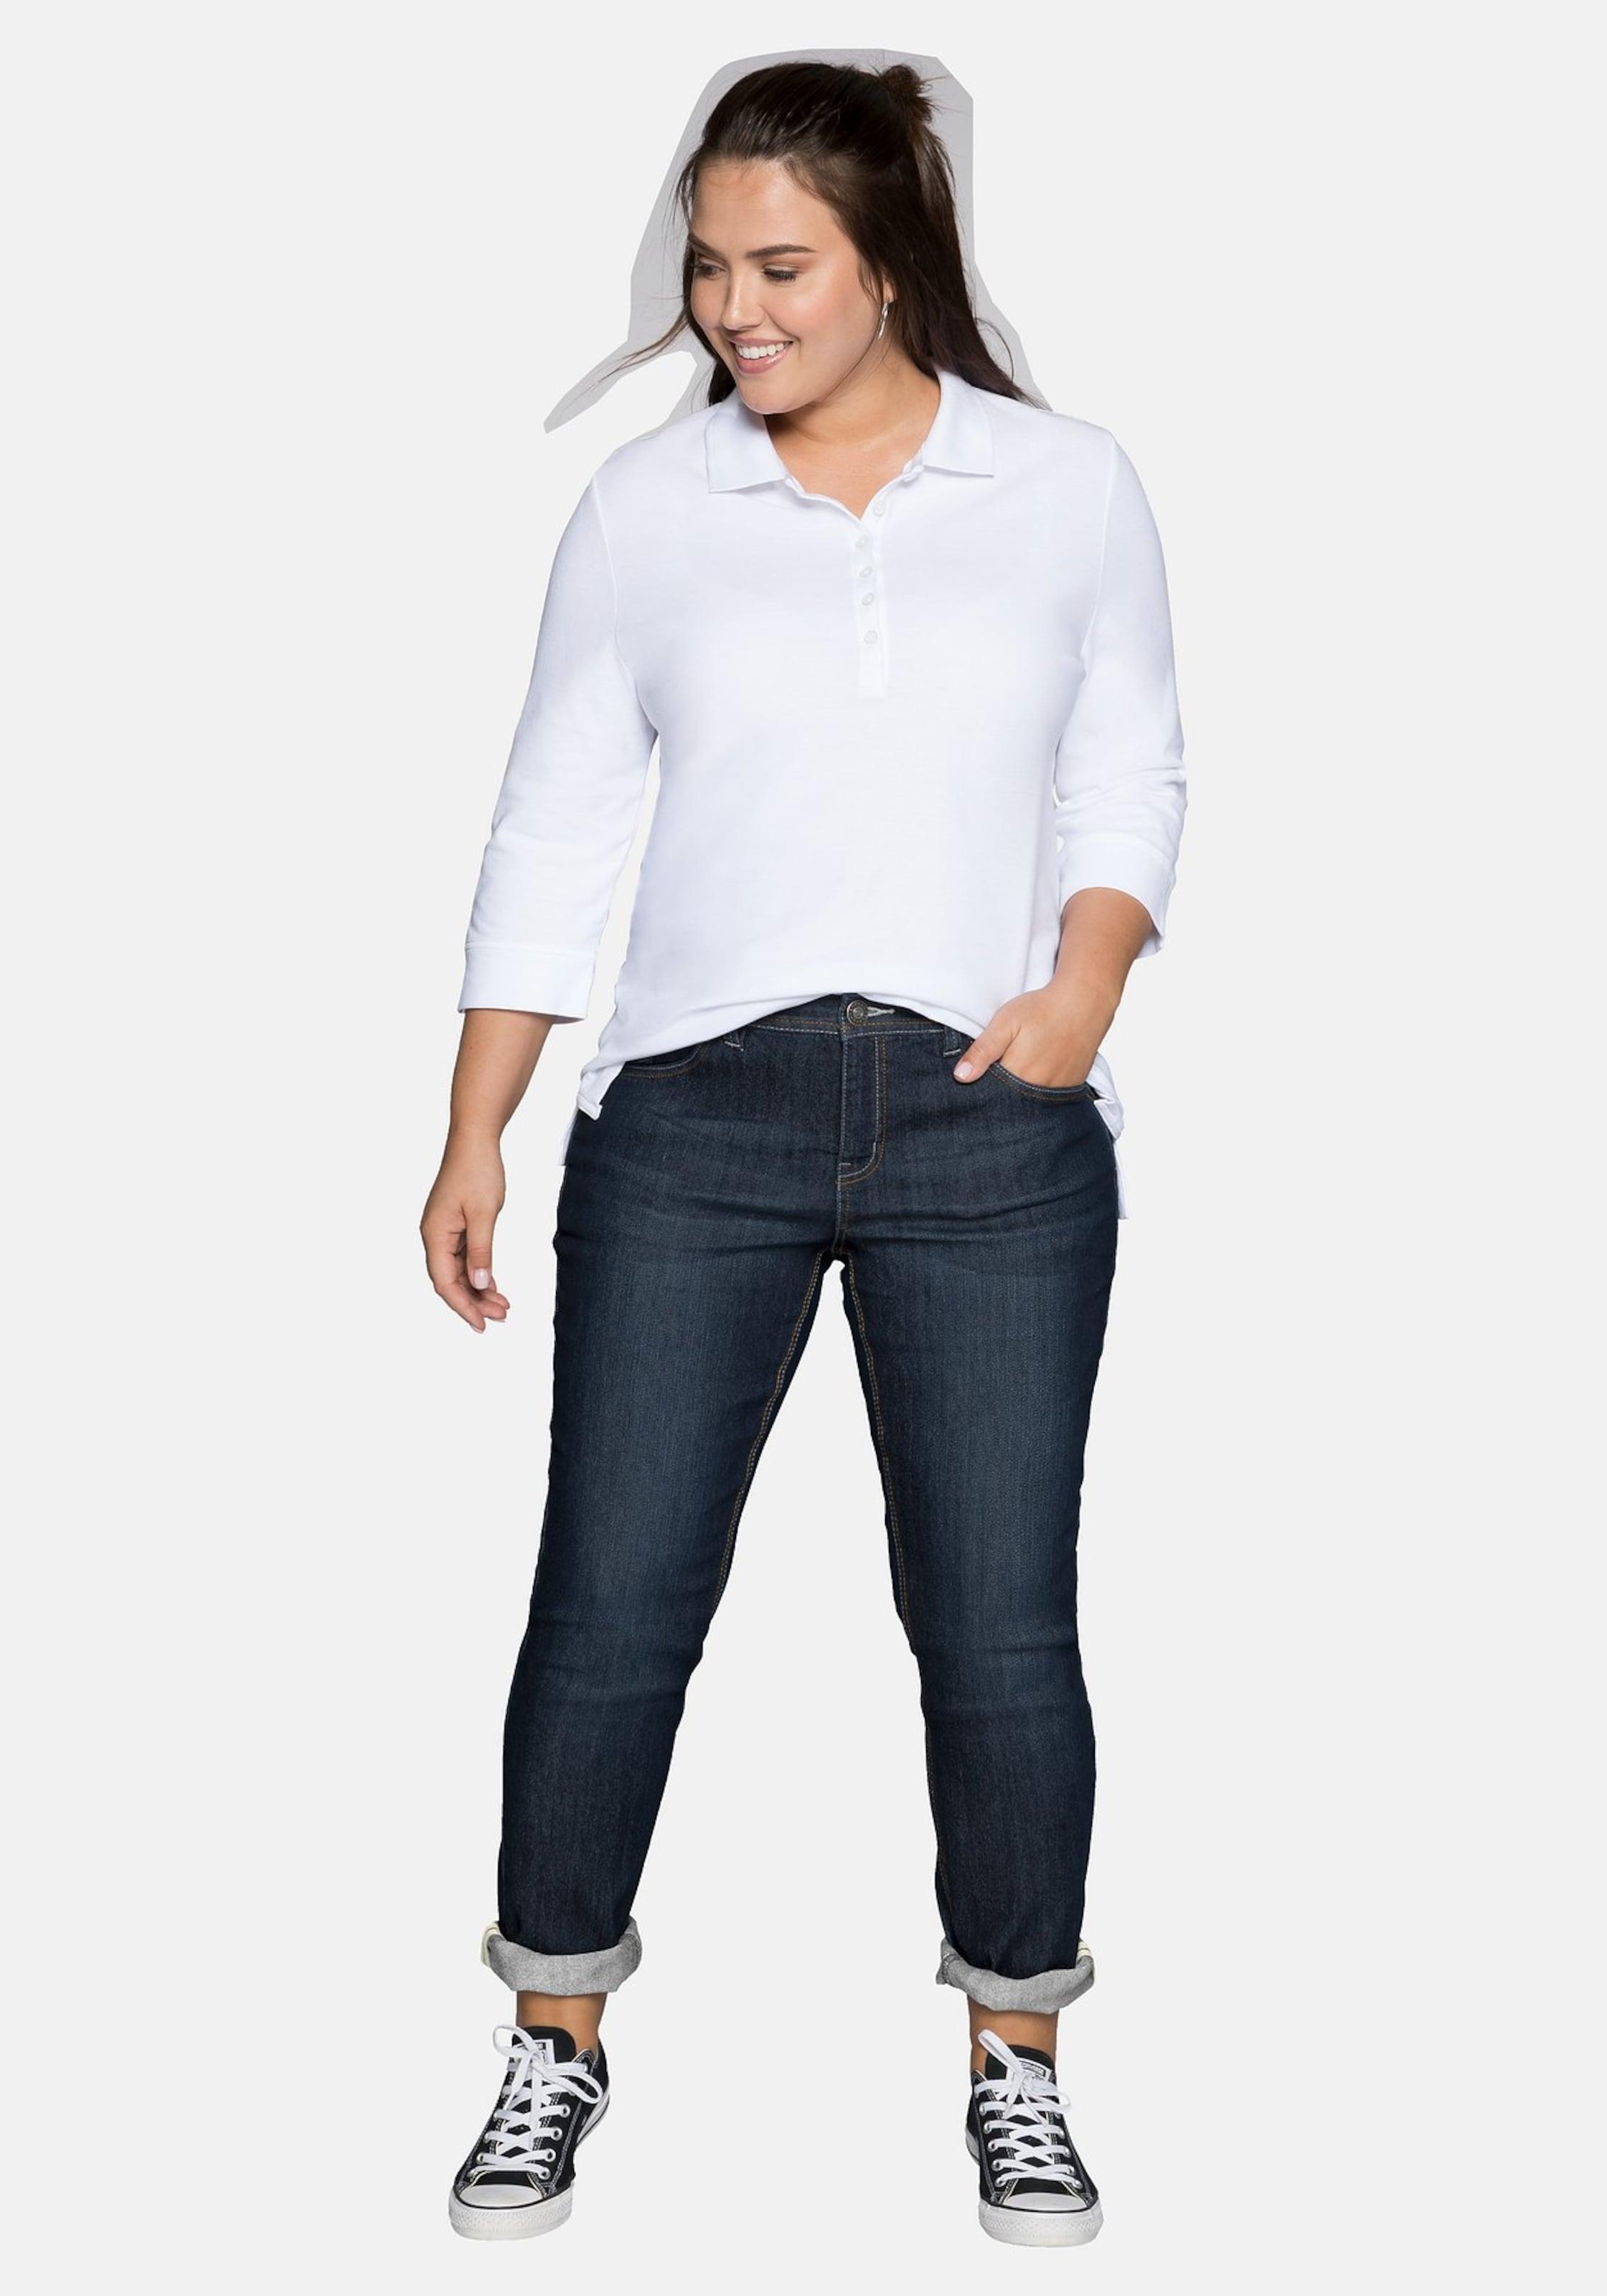 Dunkelblau In Dunkelblau Jeans In Sheego Sheego In Sheego Jeans Dunkelblau Jeans ulFJ3Tc1K